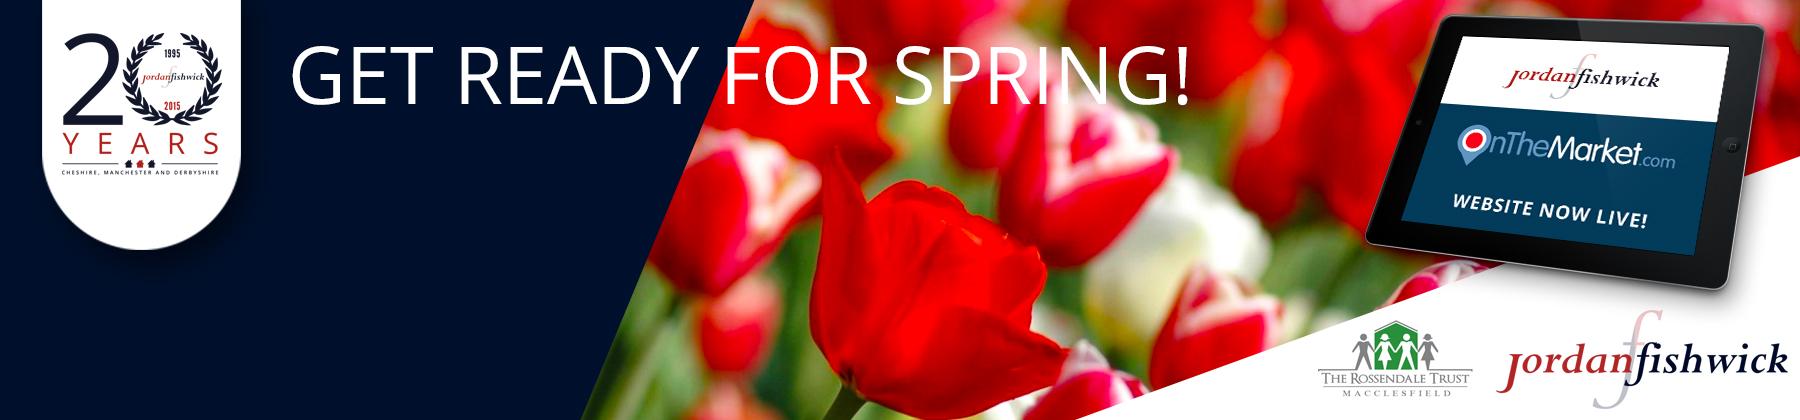 spring-banner-bg